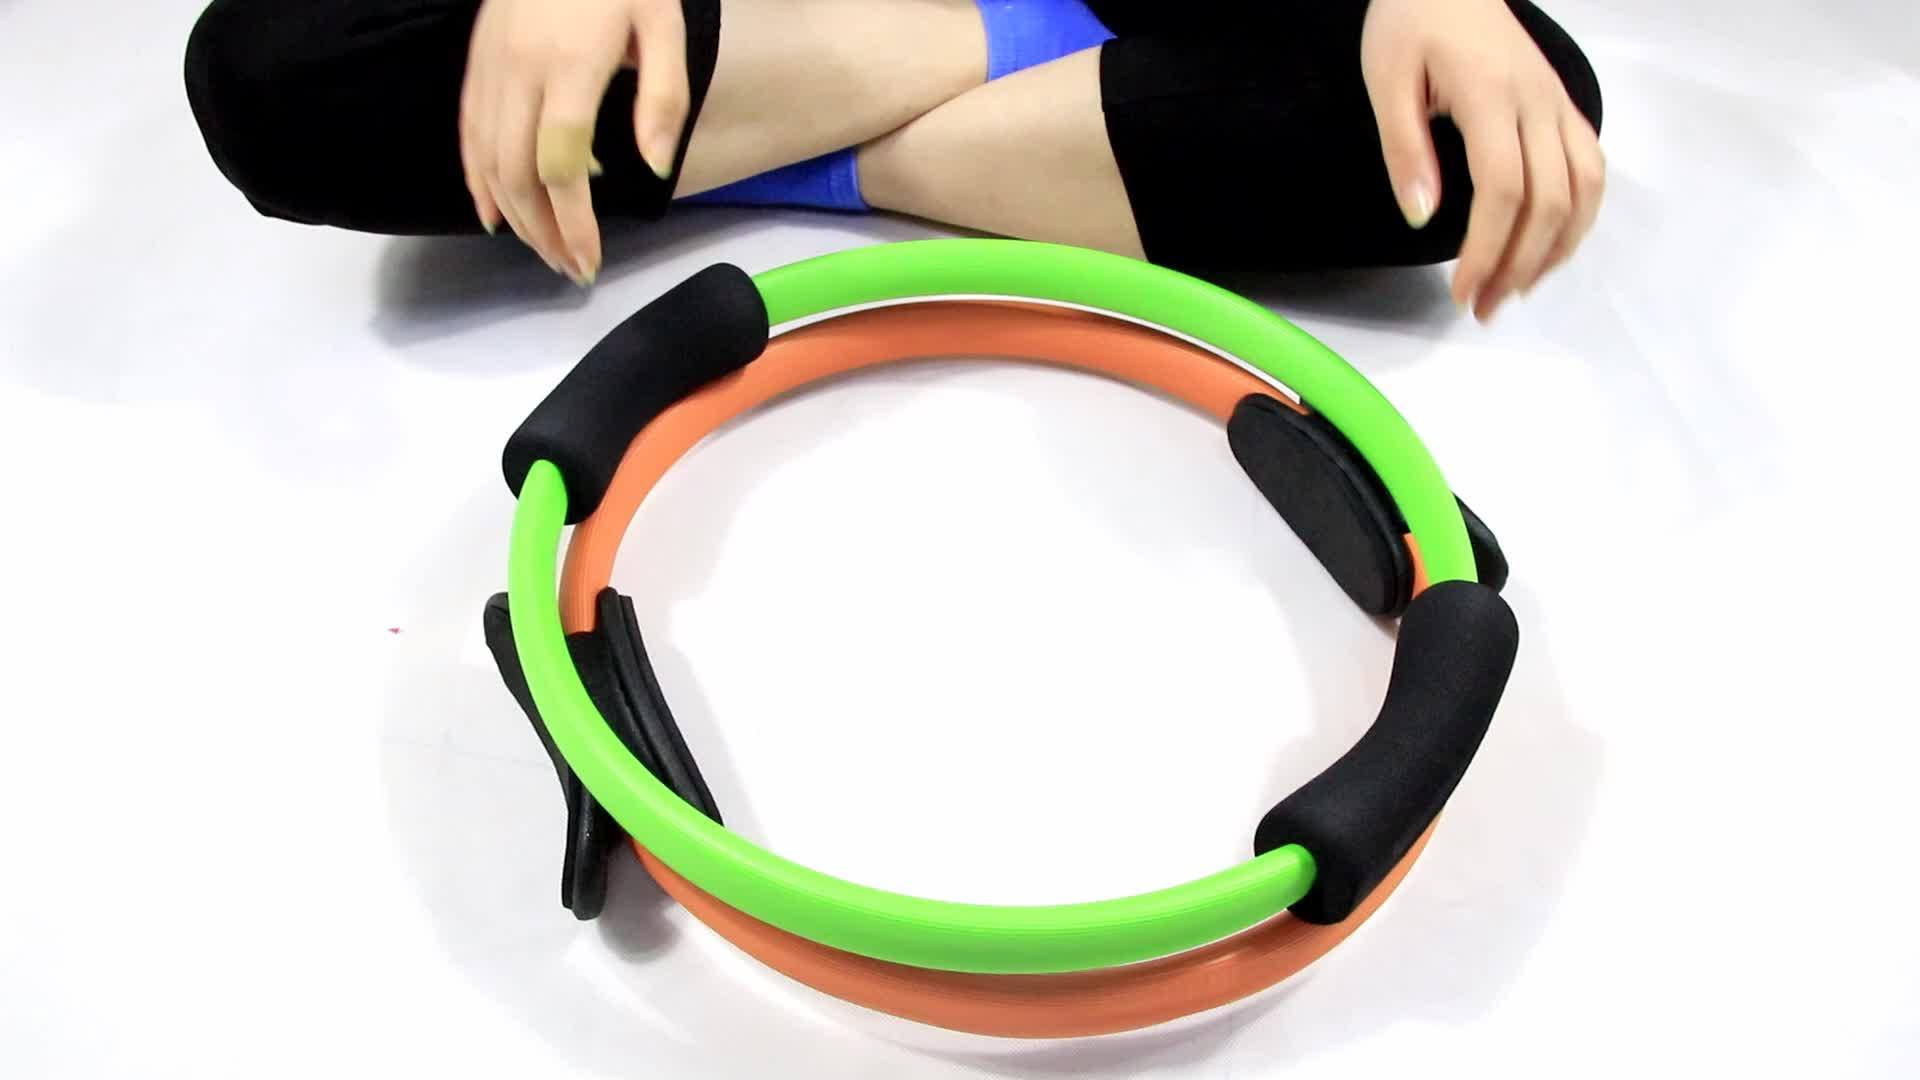 โยคะพิลาทิสแหวนดีวีดีการออกกำลังกายพิลาทิสต้านทานแหวนออกกำลังกาย